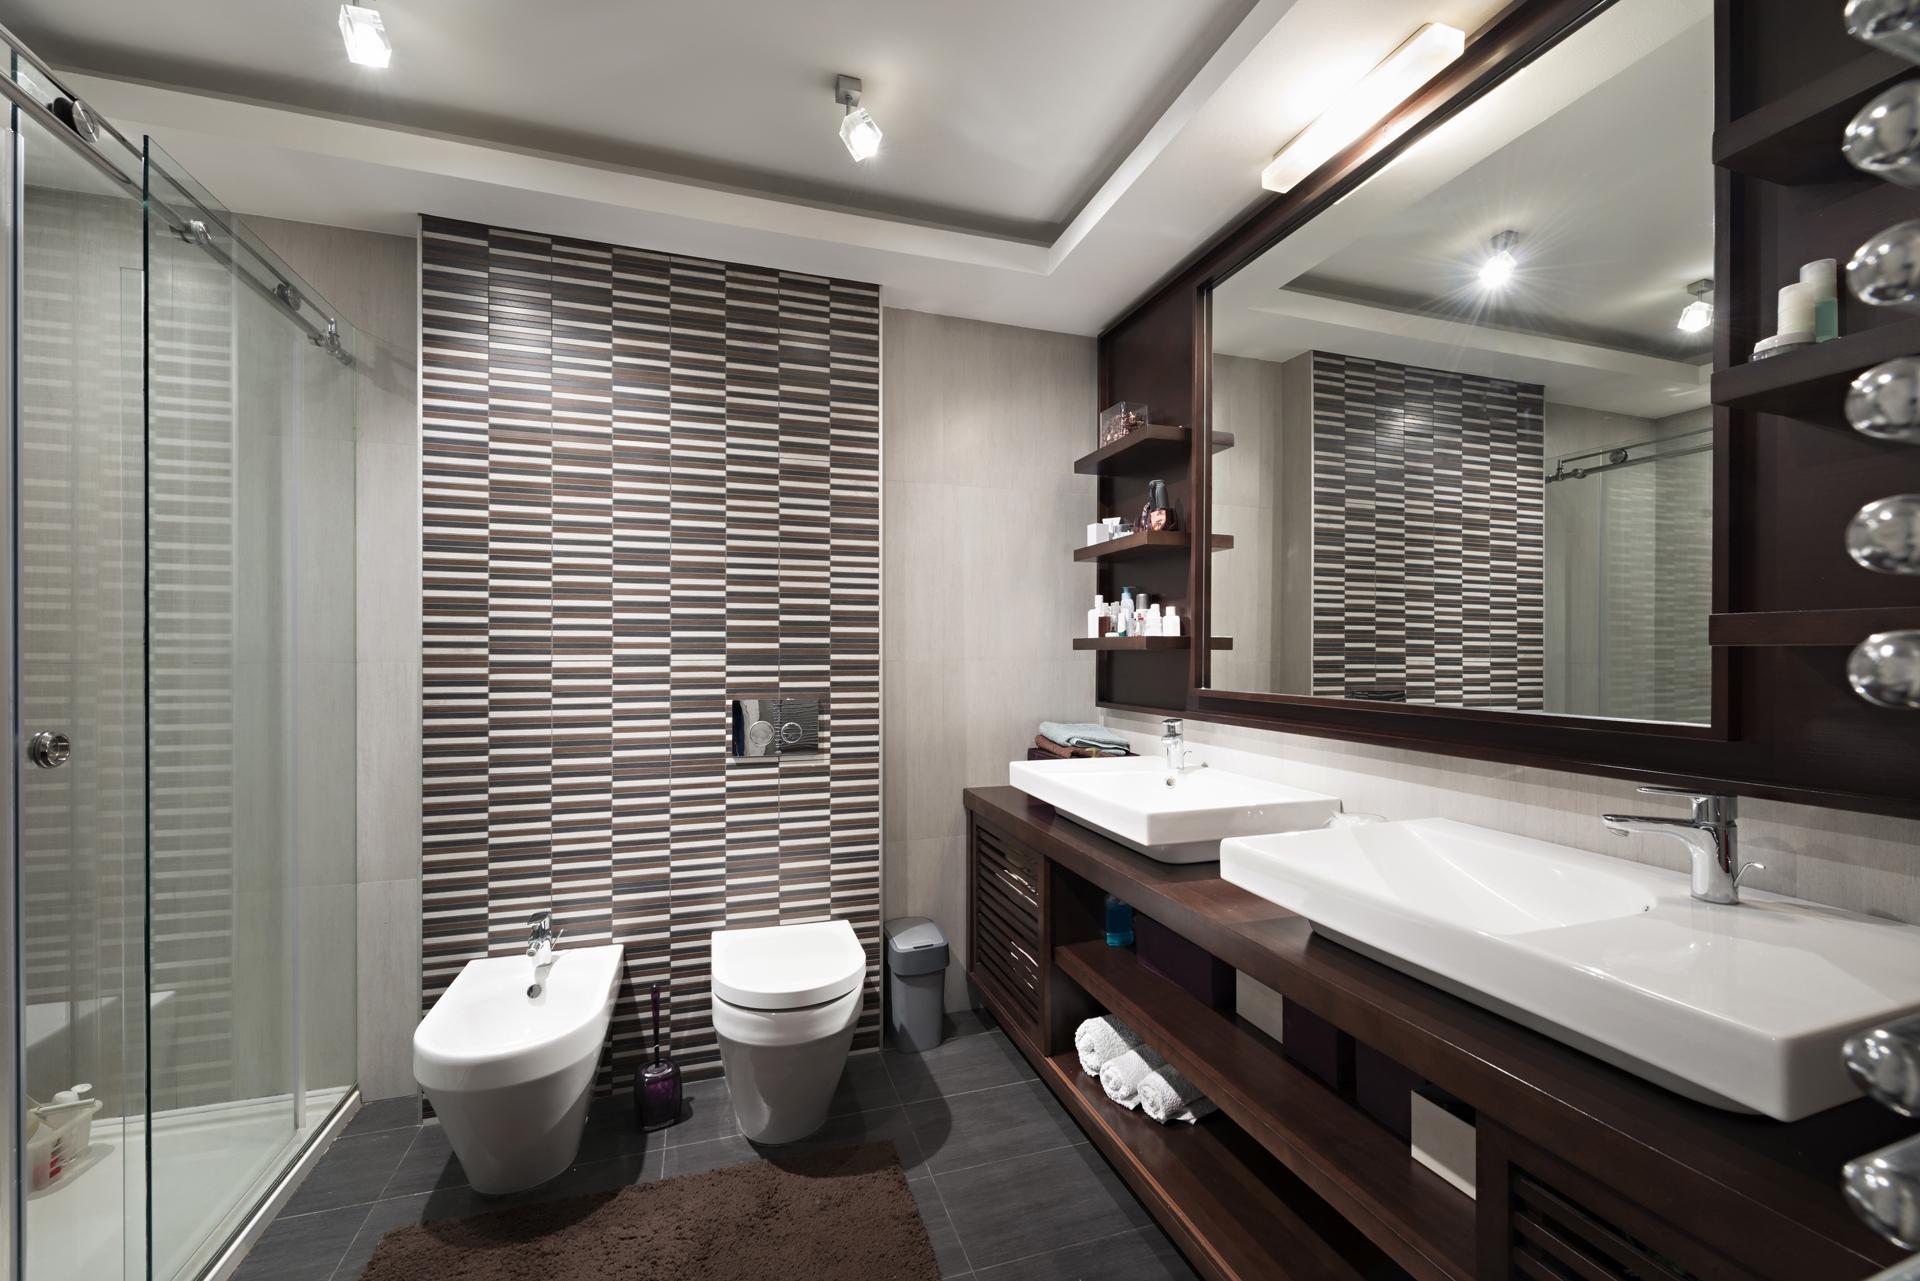 Badkamer Showroom Katwijk : Cosi sanitair specialist in badkamers en sanitair in katwijk aan zee